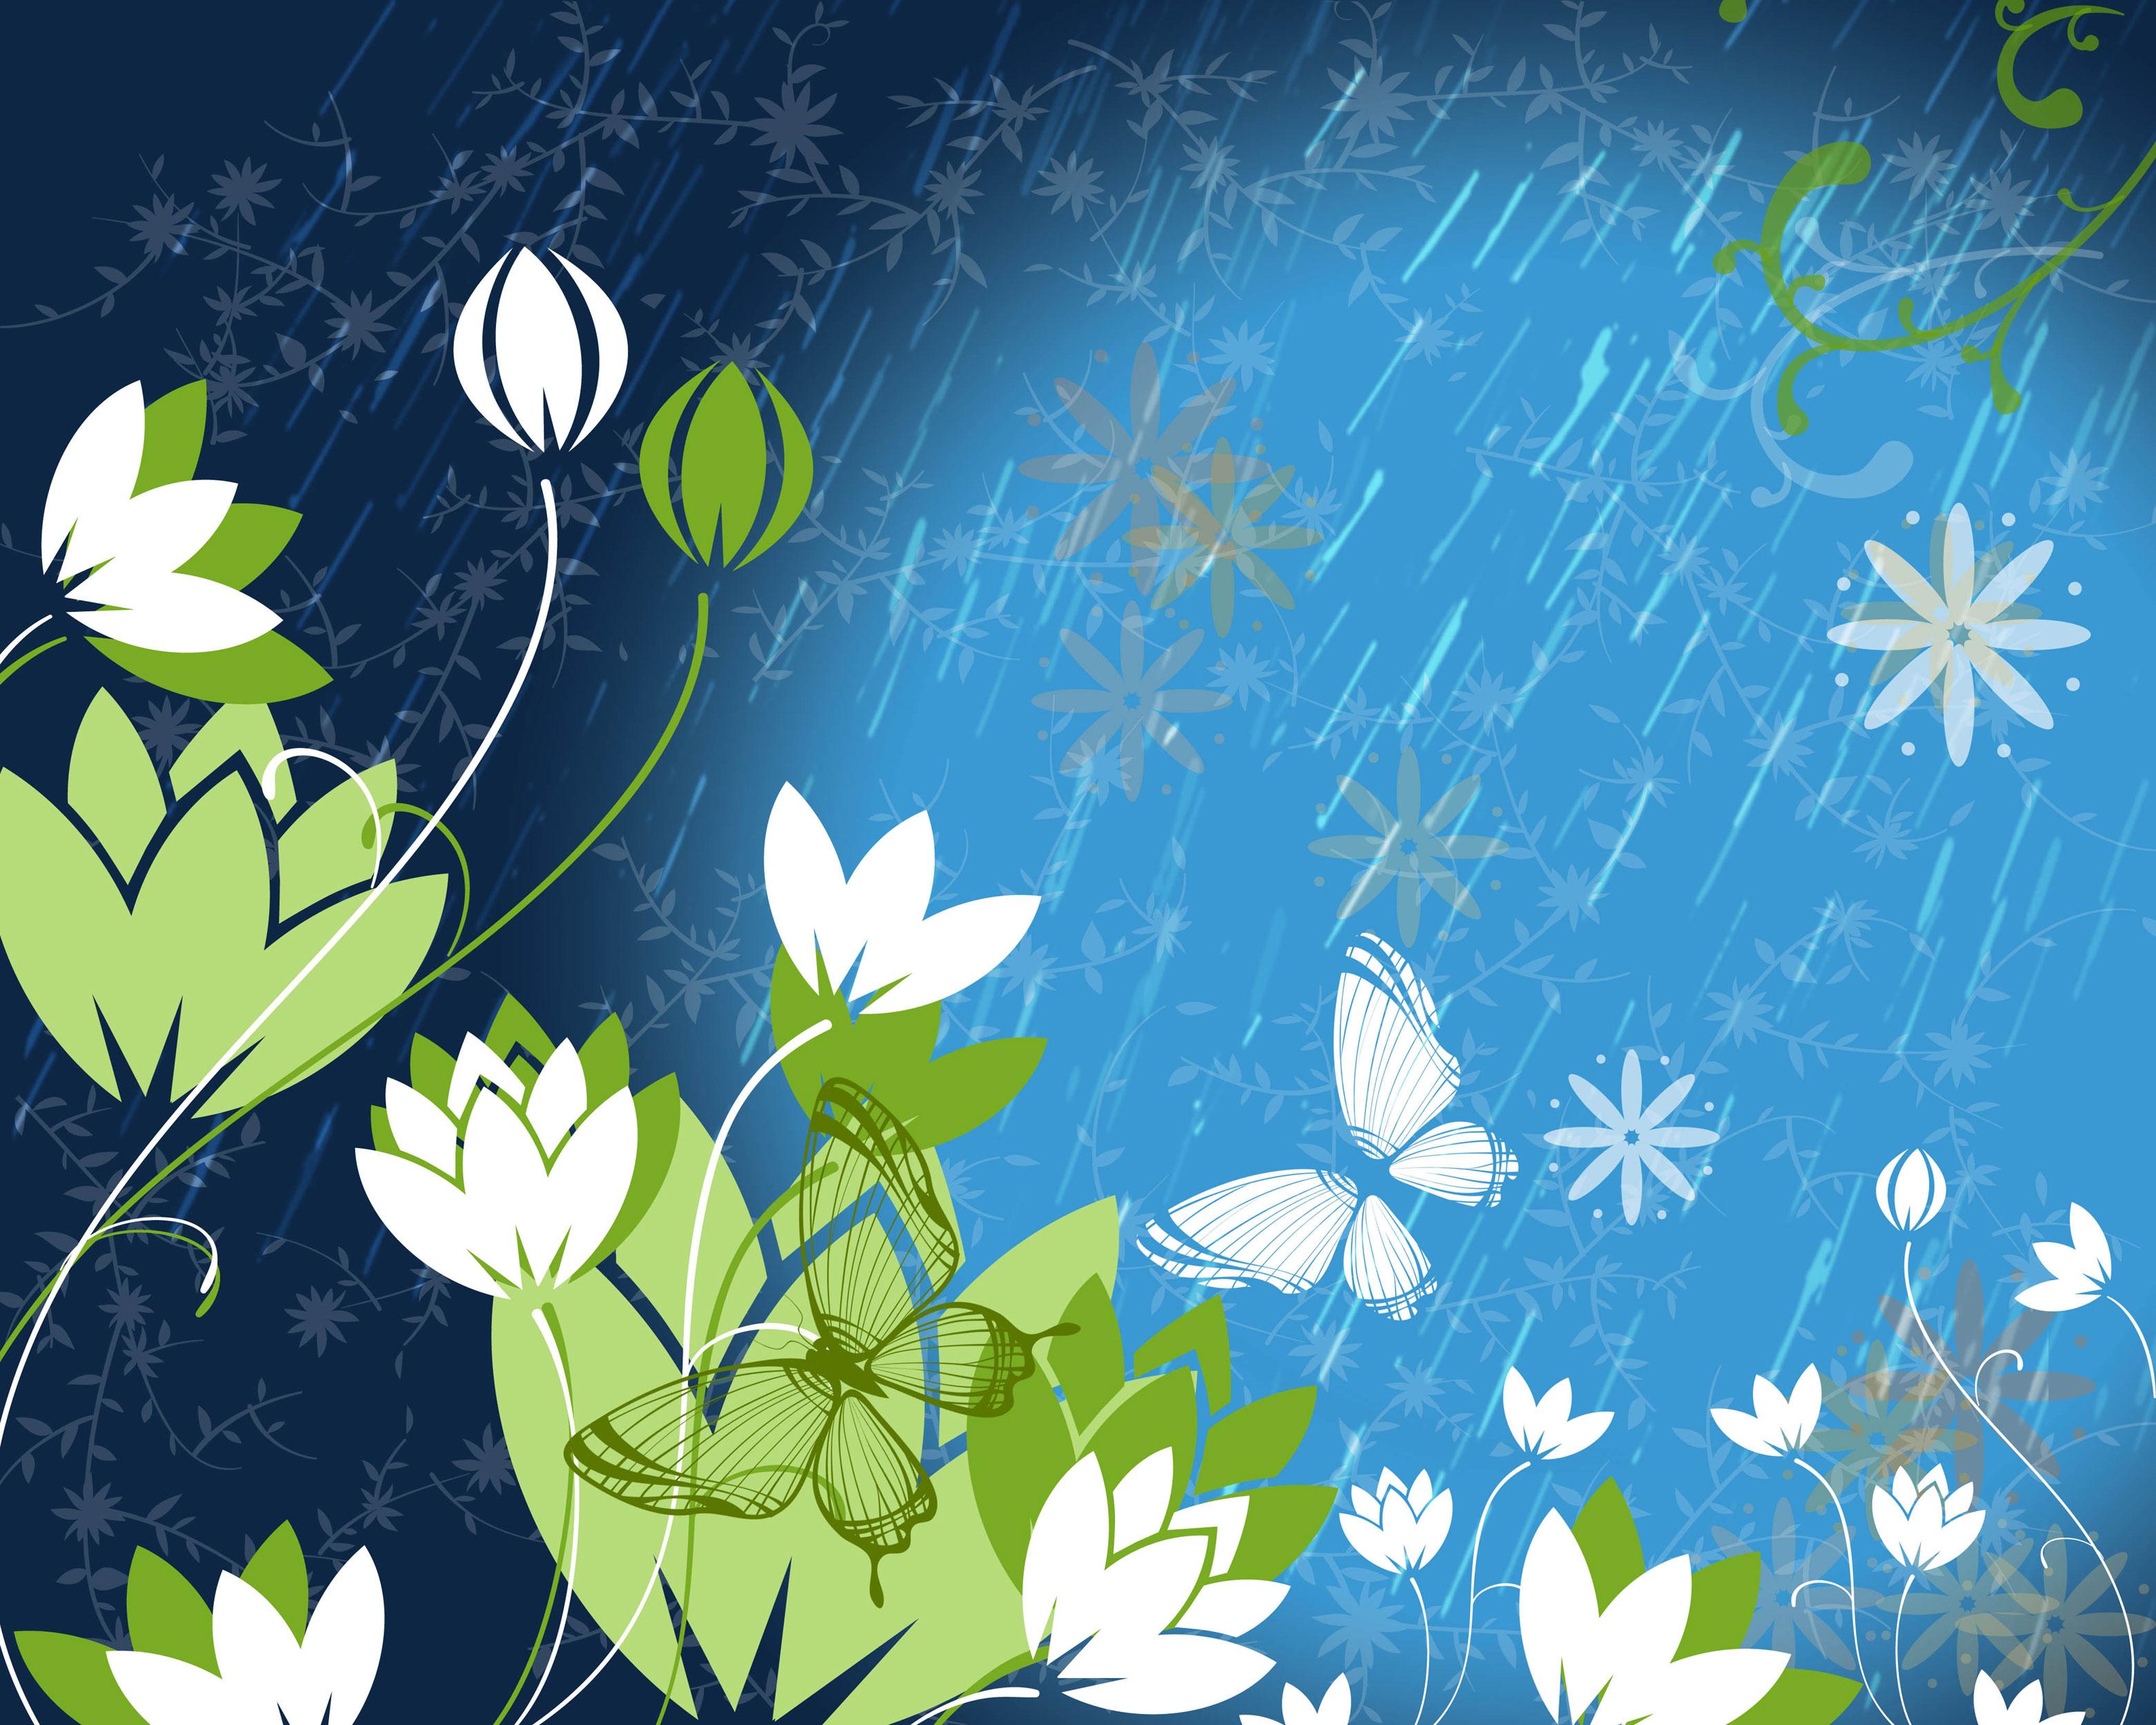 はす 蓮 のイラスト 画像no 054 壁紙 蓮と雨 蝶 無料のフリー